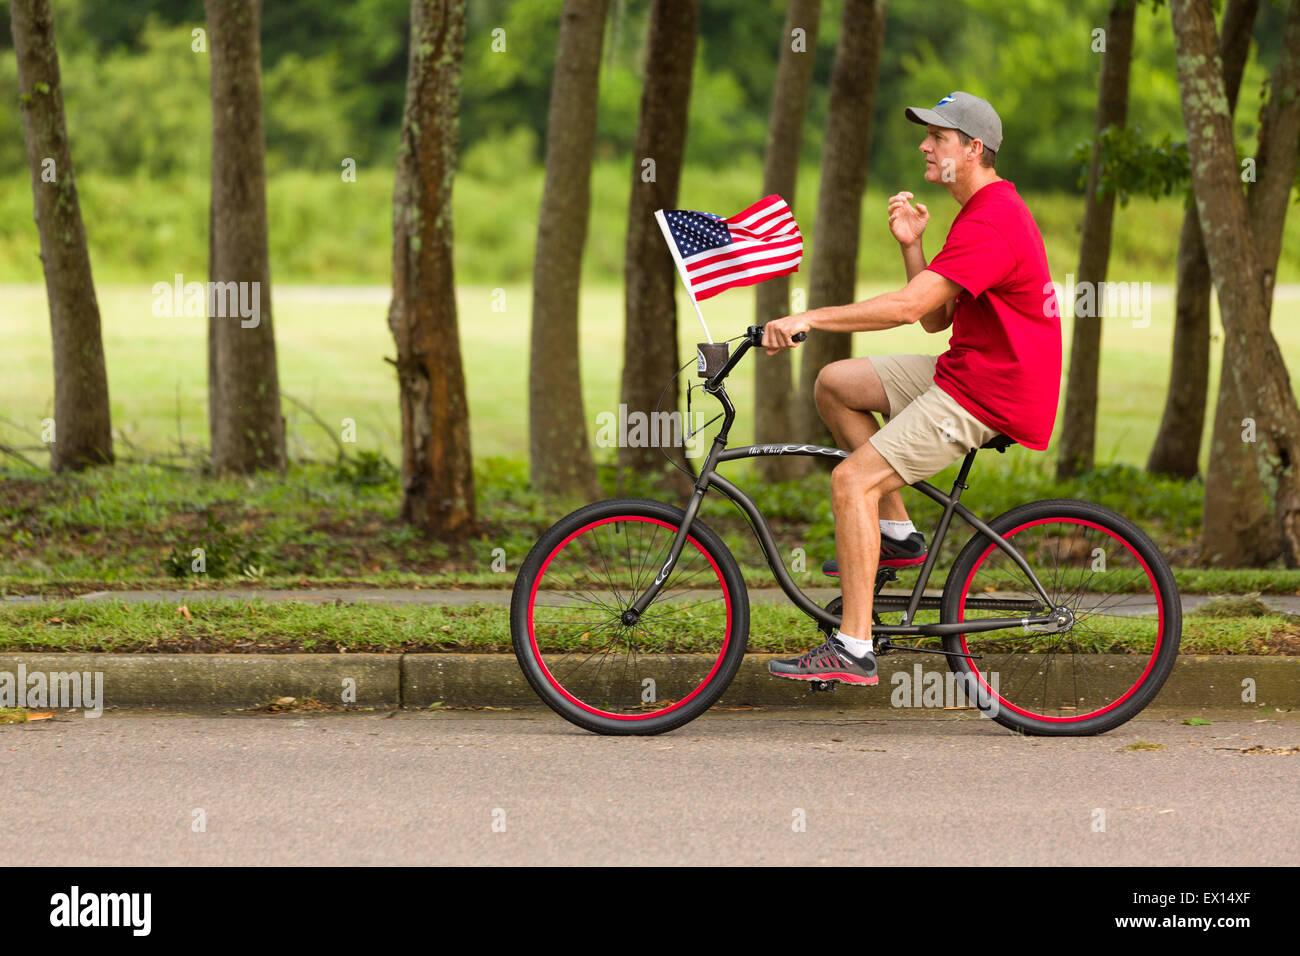 Un ciclista paseos pasado con bandera norteamericana durante el desfile del Día ndependence Daniel Island el Imagen De Stock